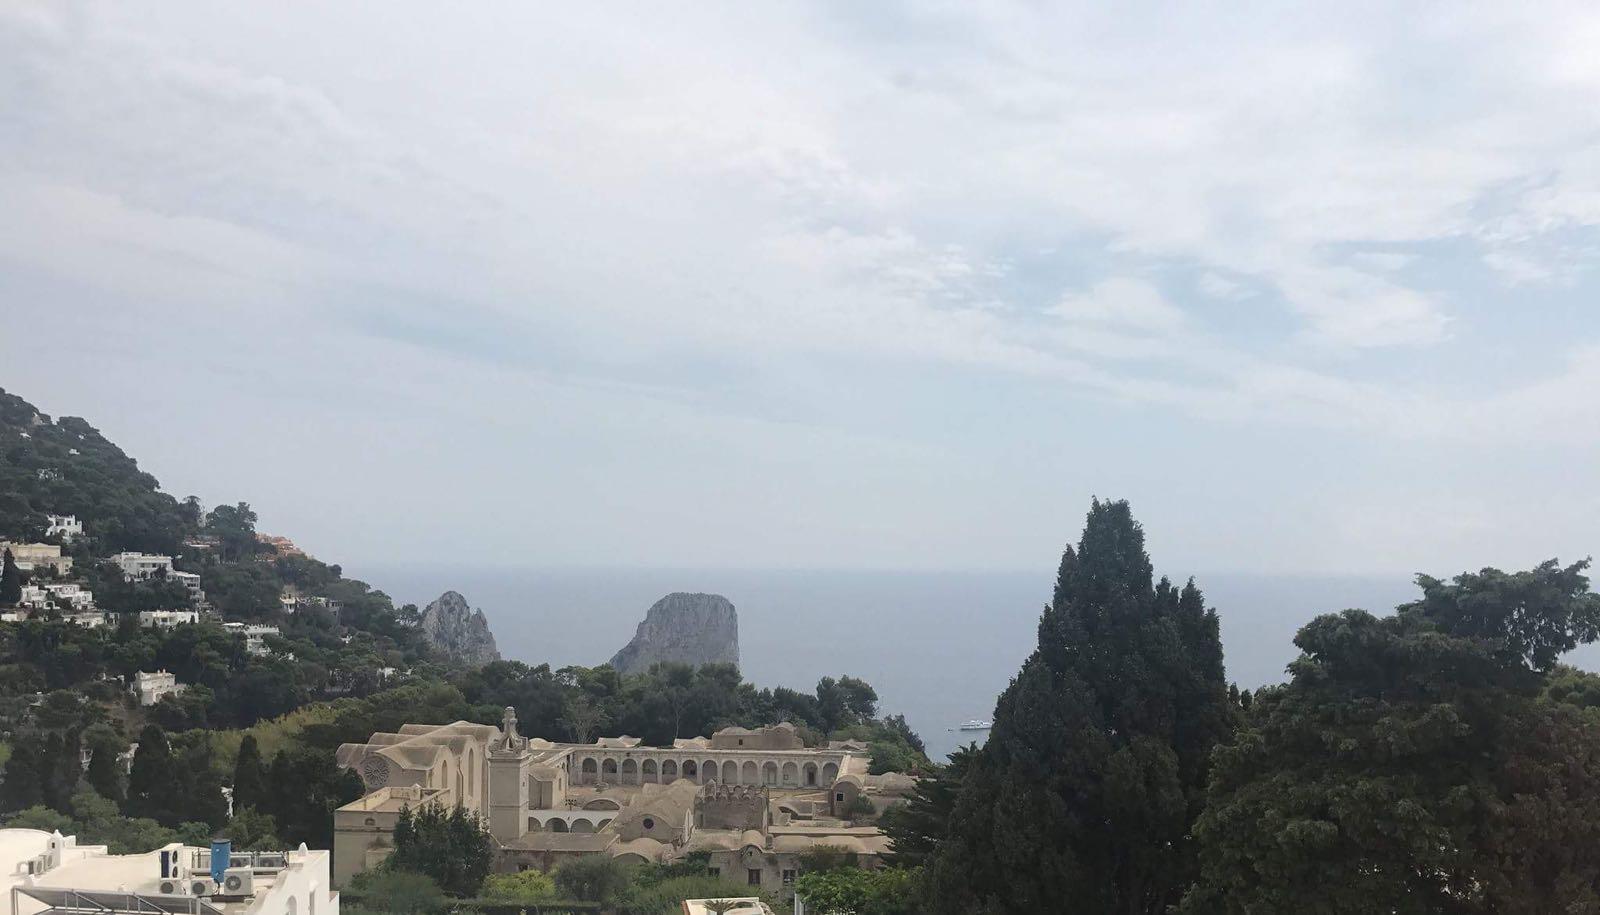 Esclusiva Degustazione Coste del Faena presso Al Caprì Don Alfonso Cafè di Capri.